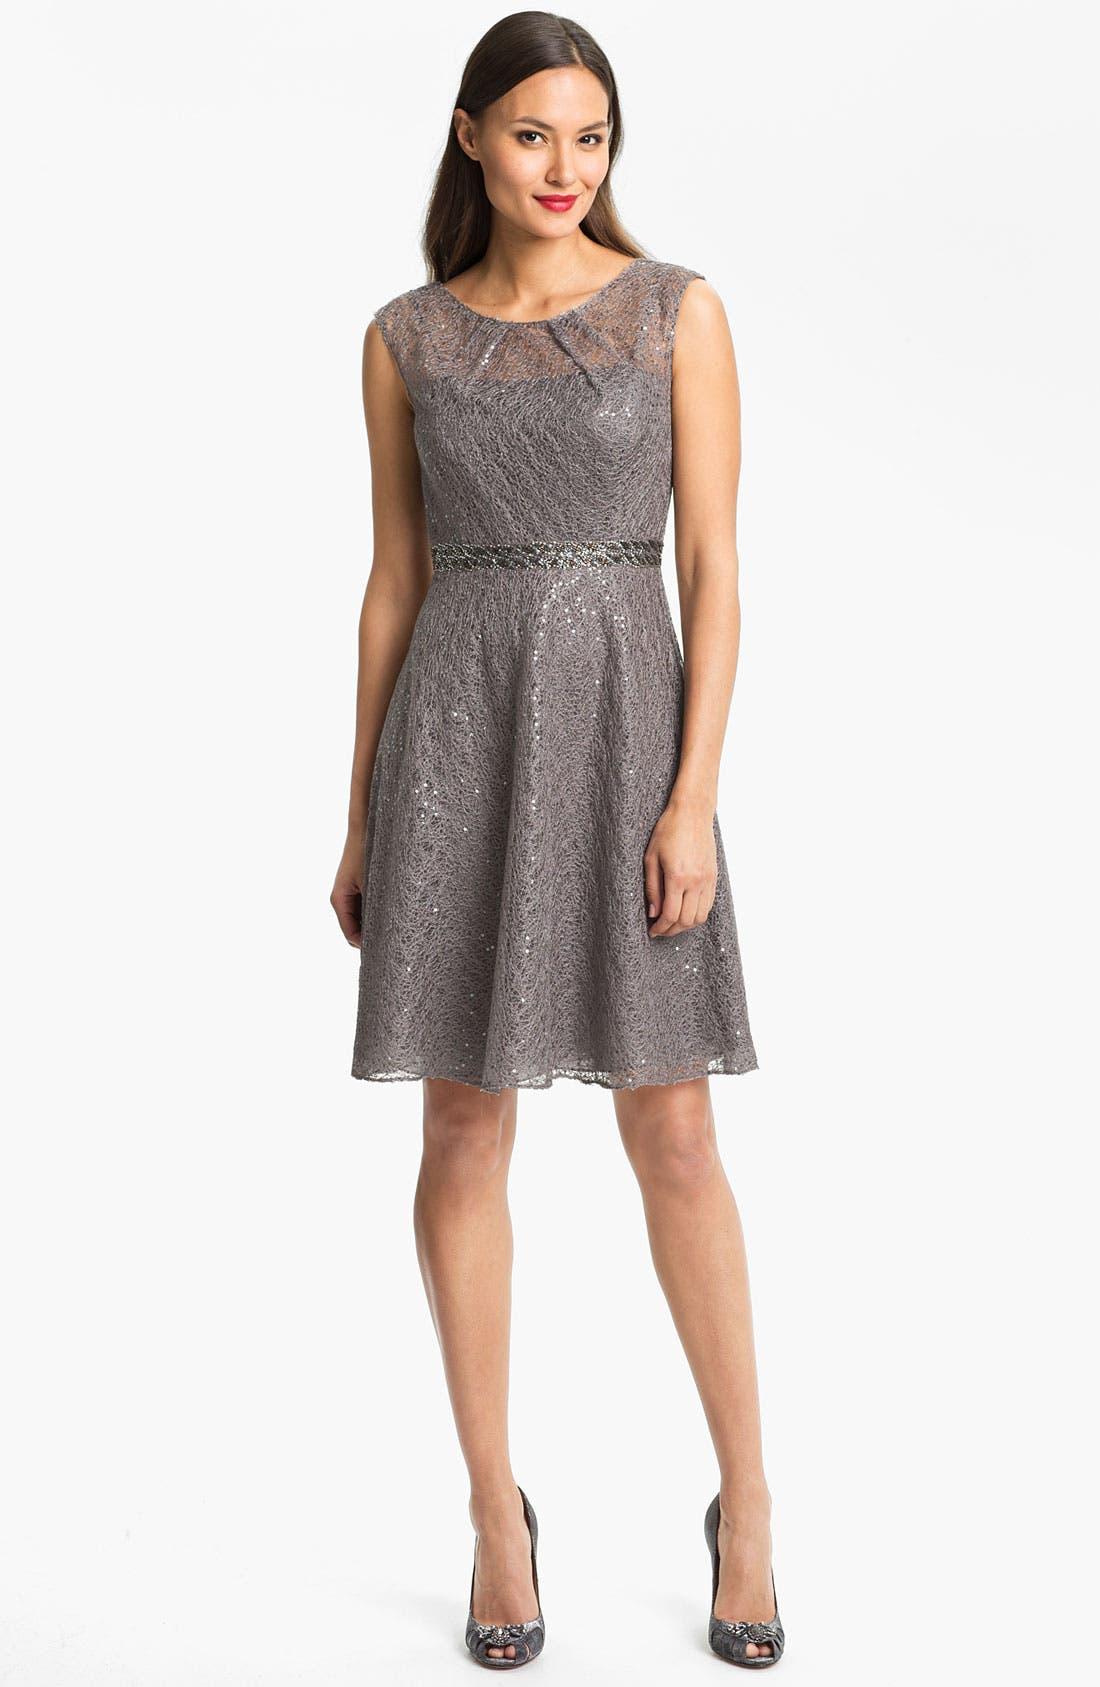 Alternate Image 1 Selected - Kay Unger Sequin Embellished Lace Dress